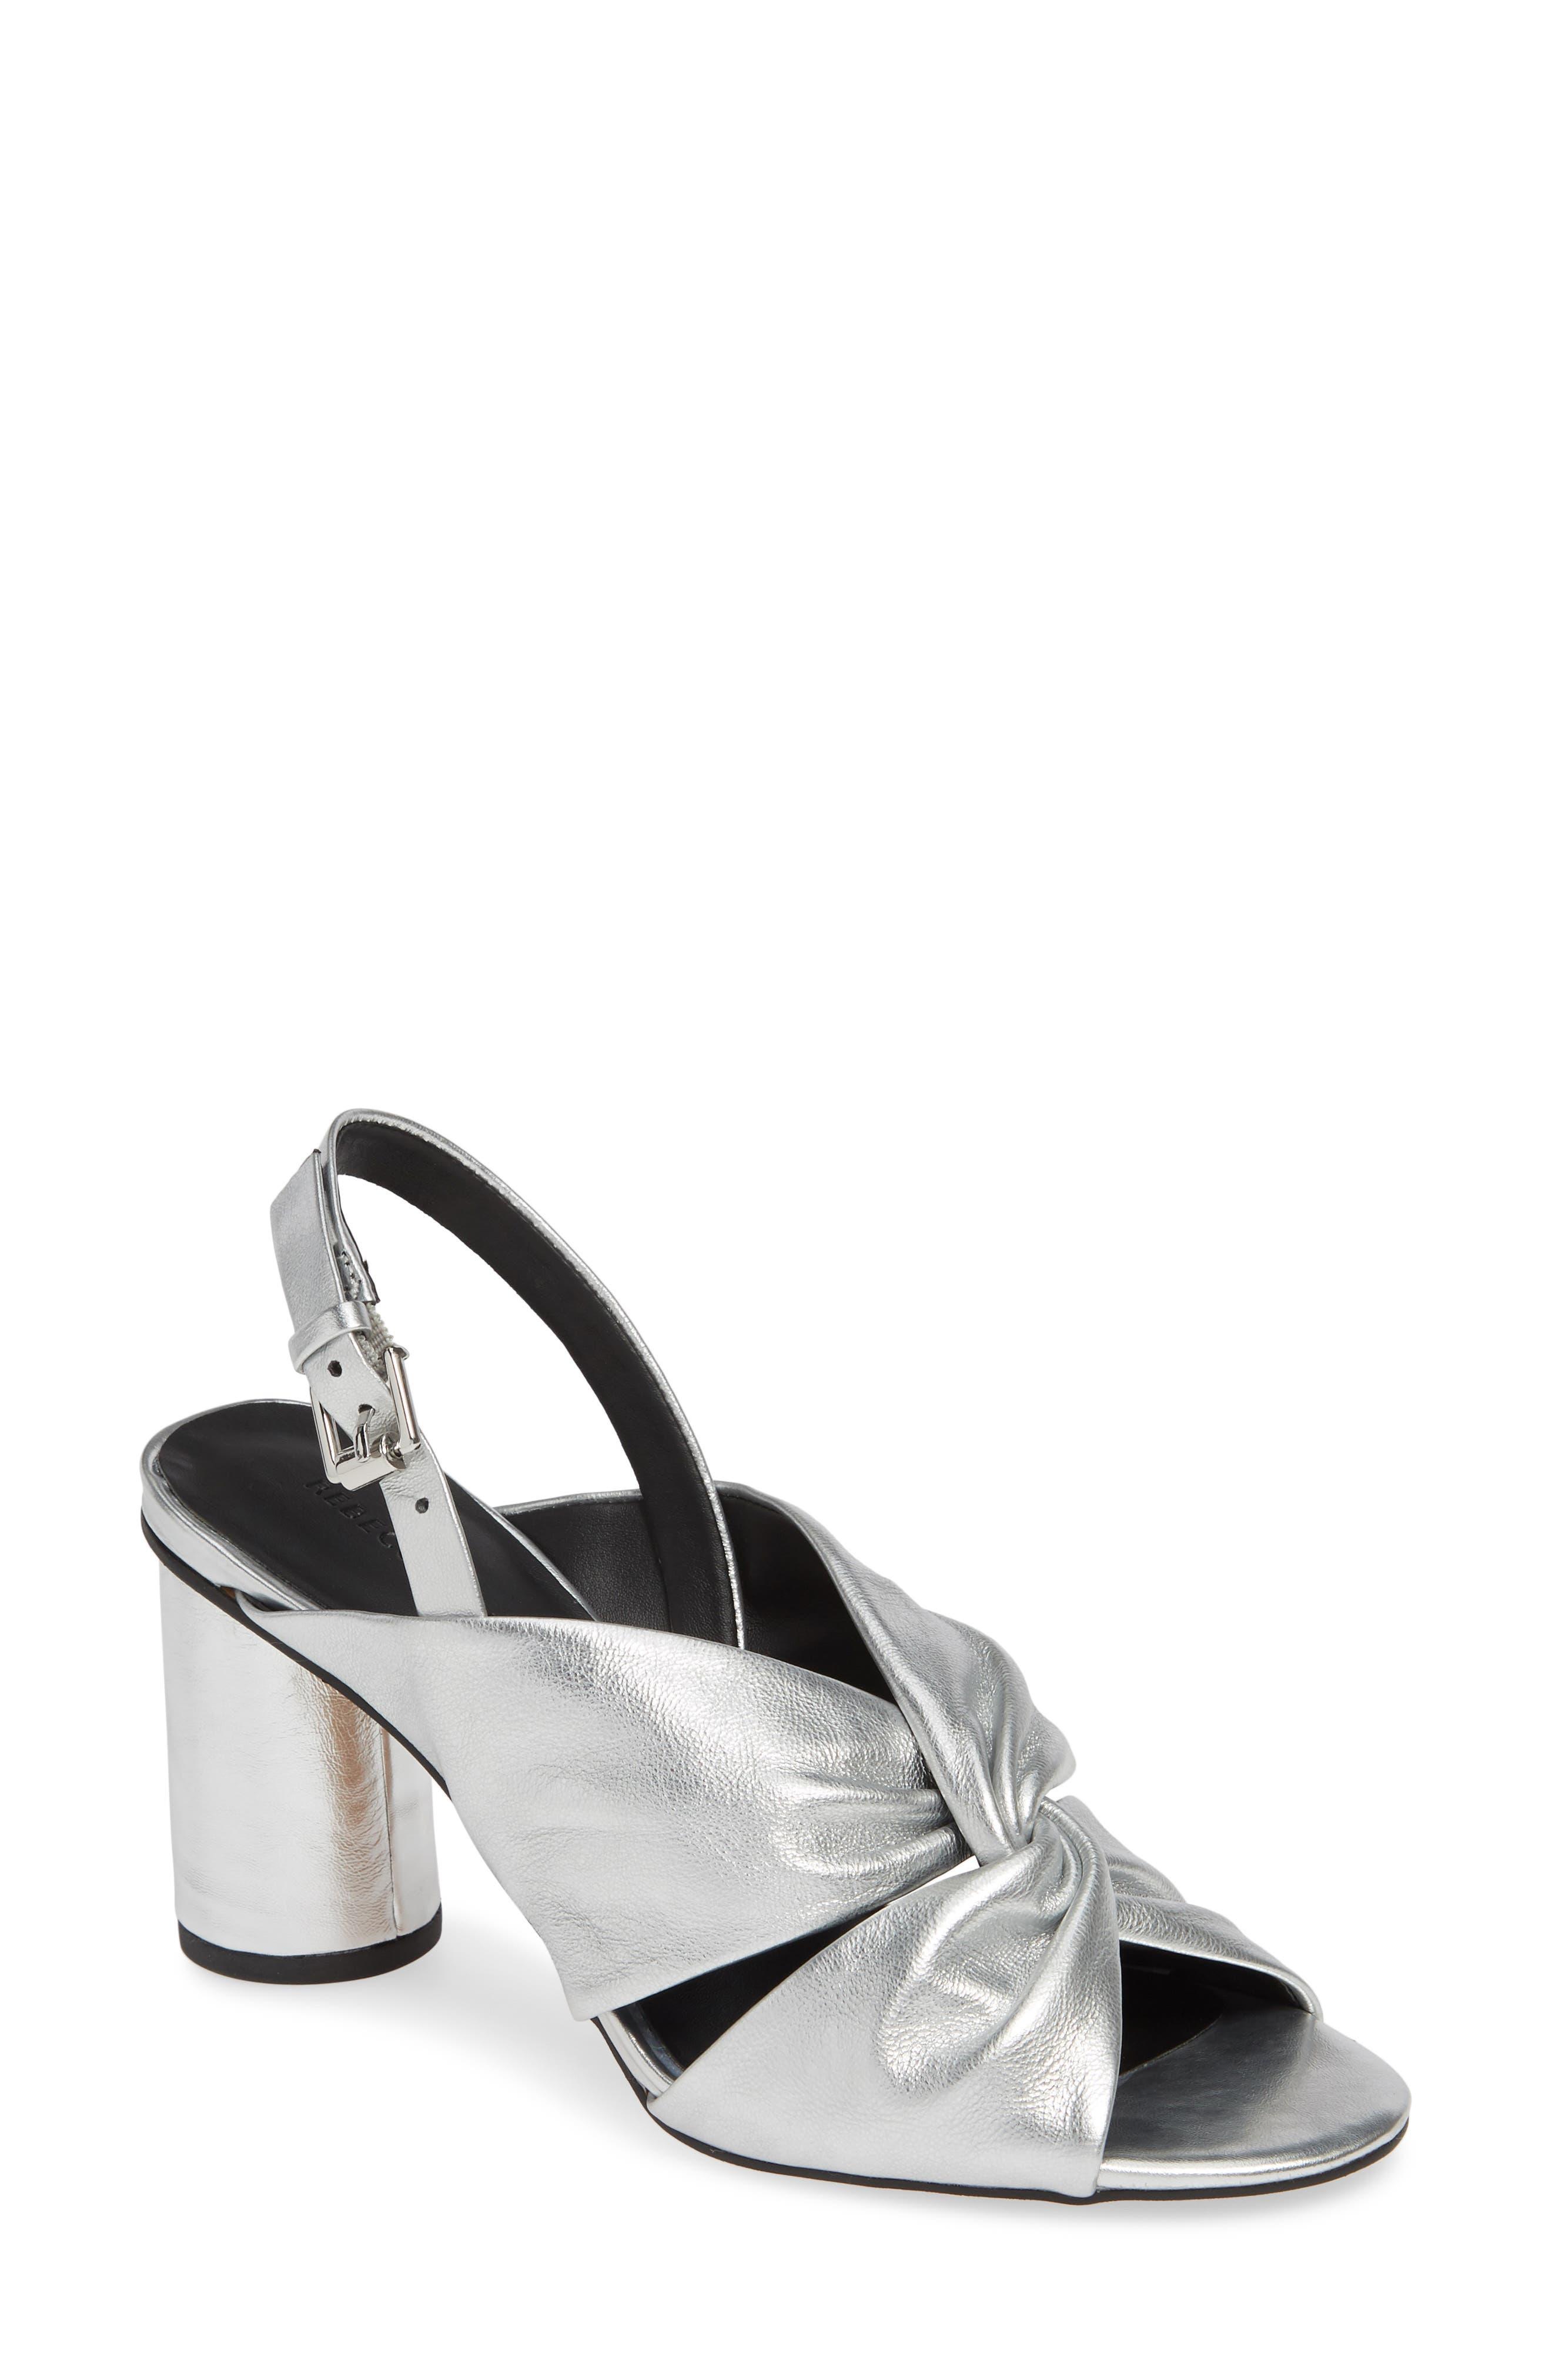 Rebecca Minkoff Agata Slingback Sandal- Metallic